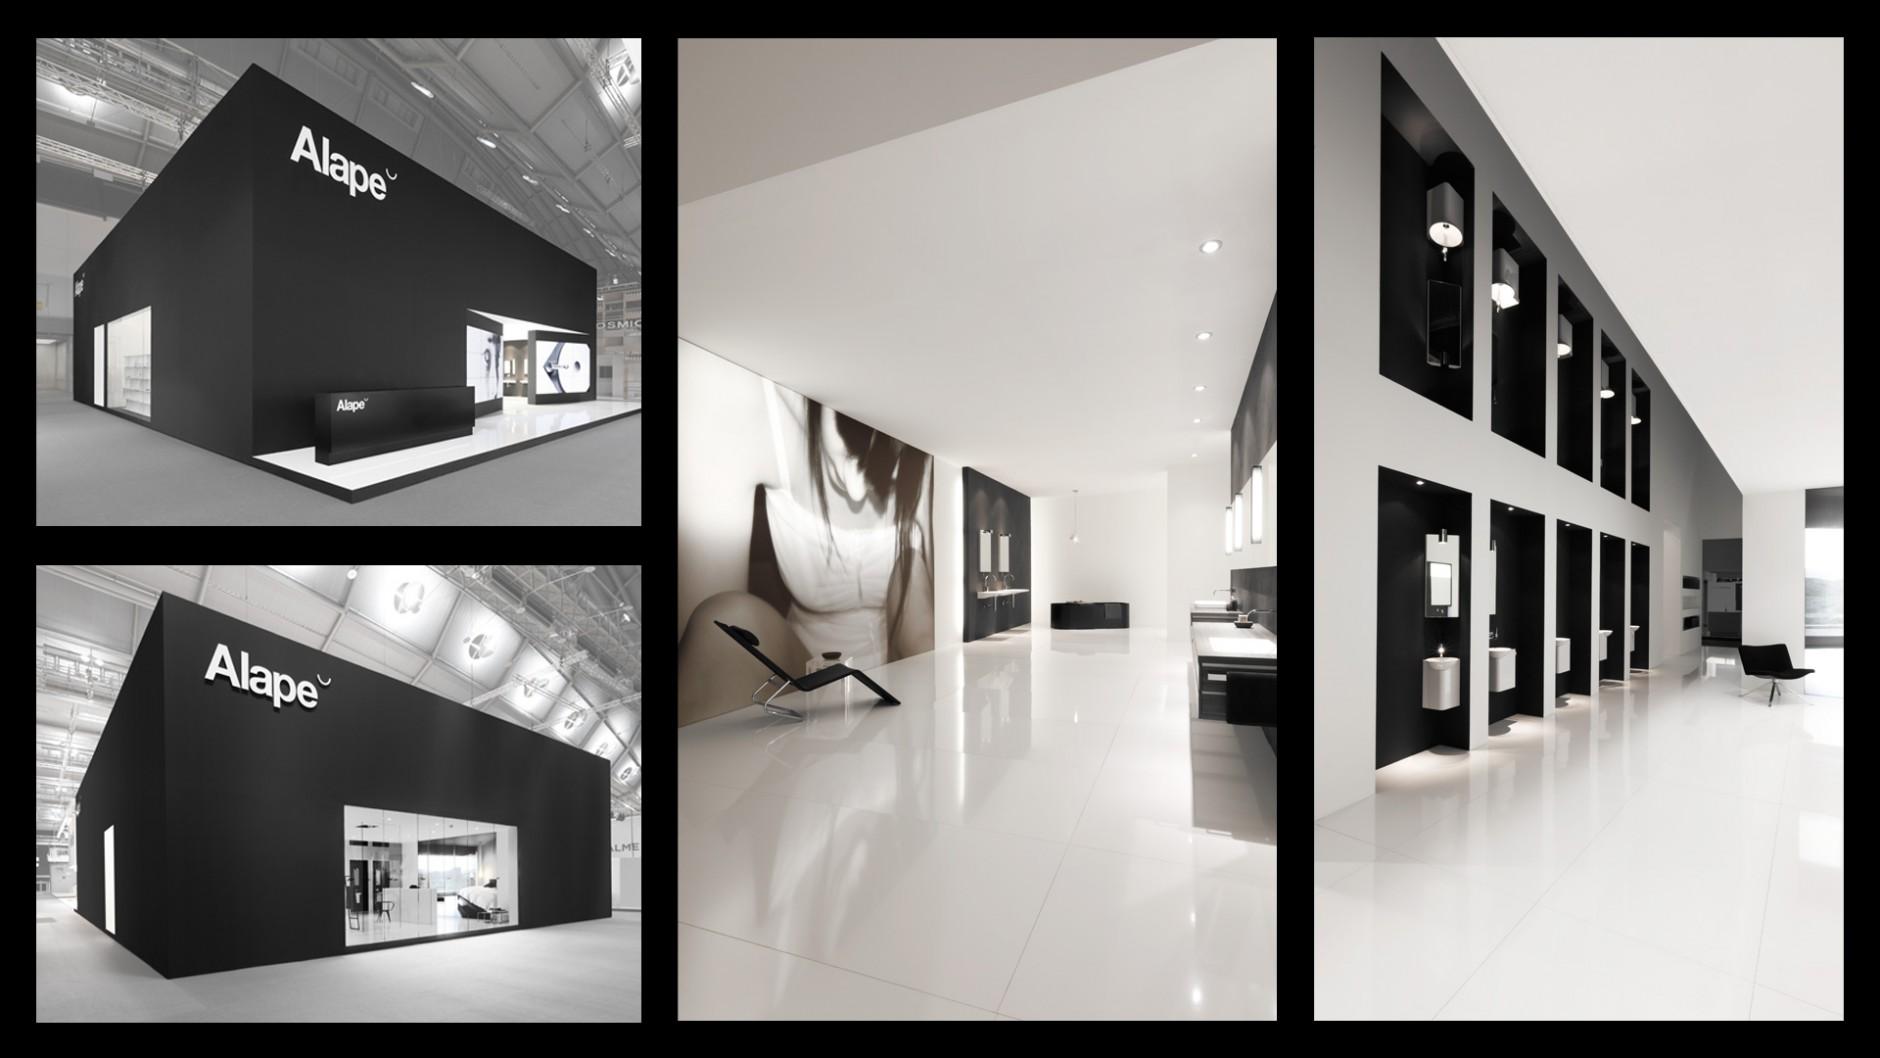 Kategorie Raum/Architektur: Alape Messestand 2011; Kunde: Alape GmbH; Einsender: Martin et Karczinski